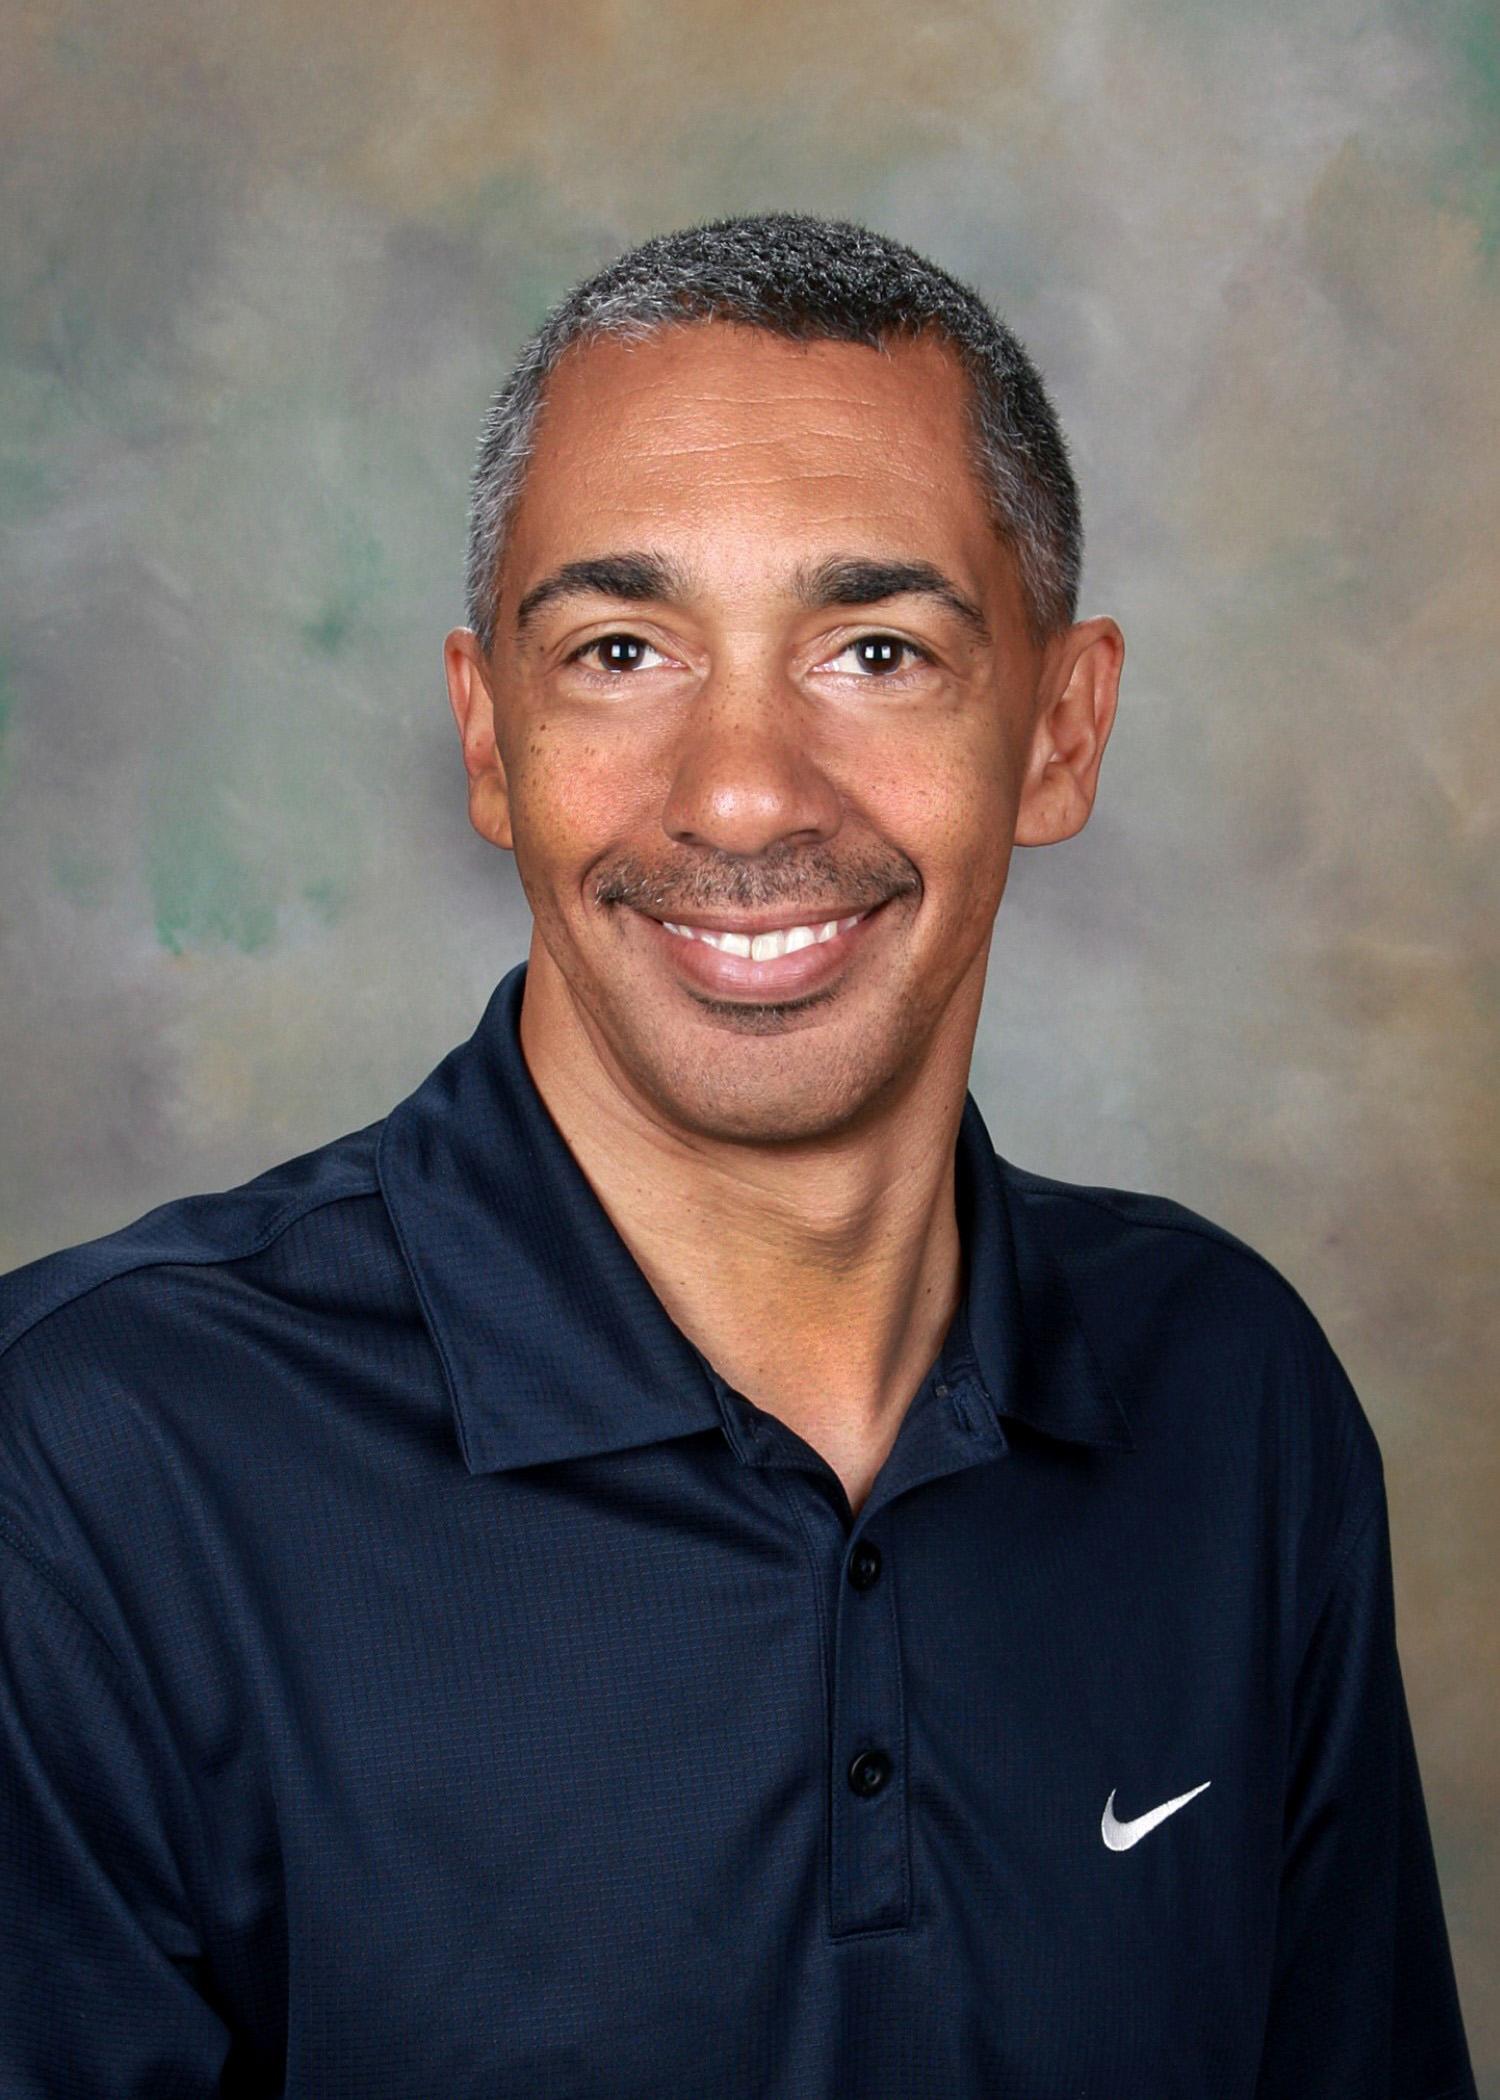 Derrick-Jamerson-Title.-Gilbert-Principal2